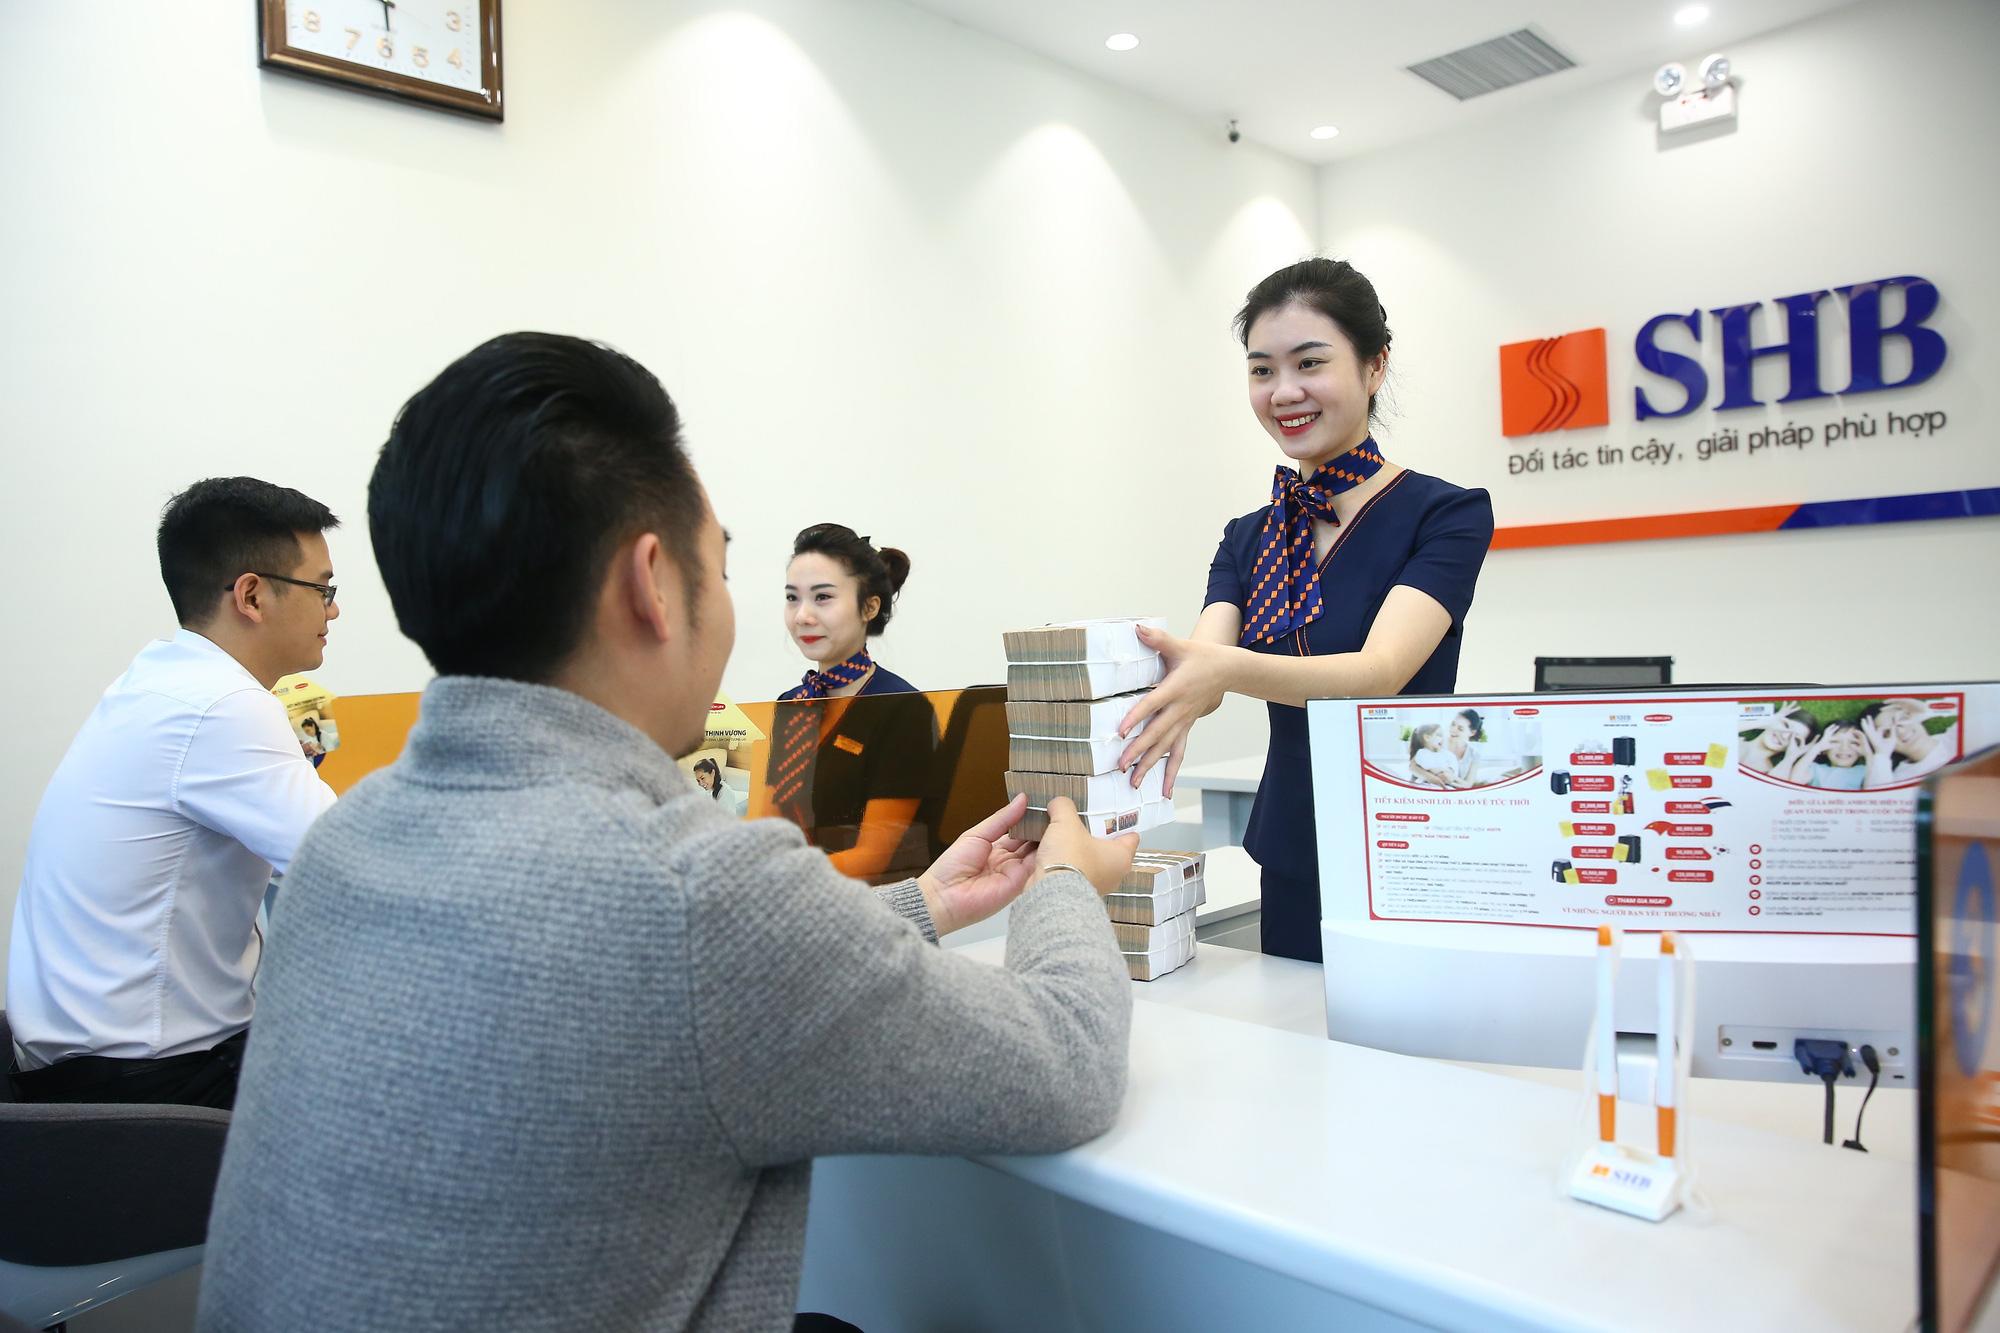 Thêm nhiều ngân hàng tung gói hỗ trợ khách hàng bị ảnh hưởng bởi covid-19, qui mô lên tới hàng chục nghìn tỉ đồng - Ảnh 1.